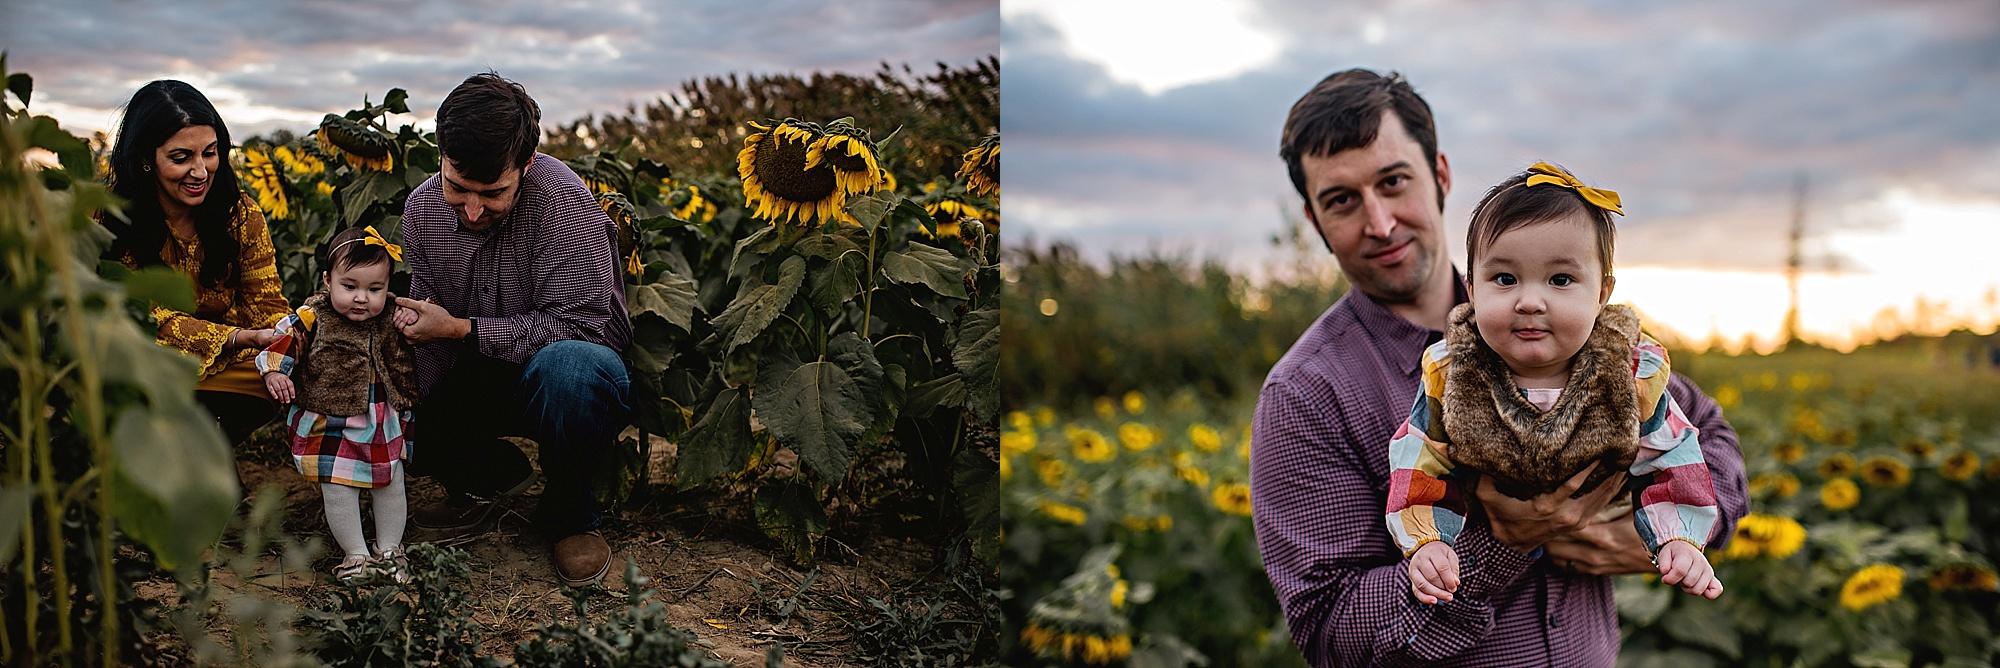 Turner-family-akron-ohio-photographer-lauren-grayson-sunflower-field-session_0018.jpg